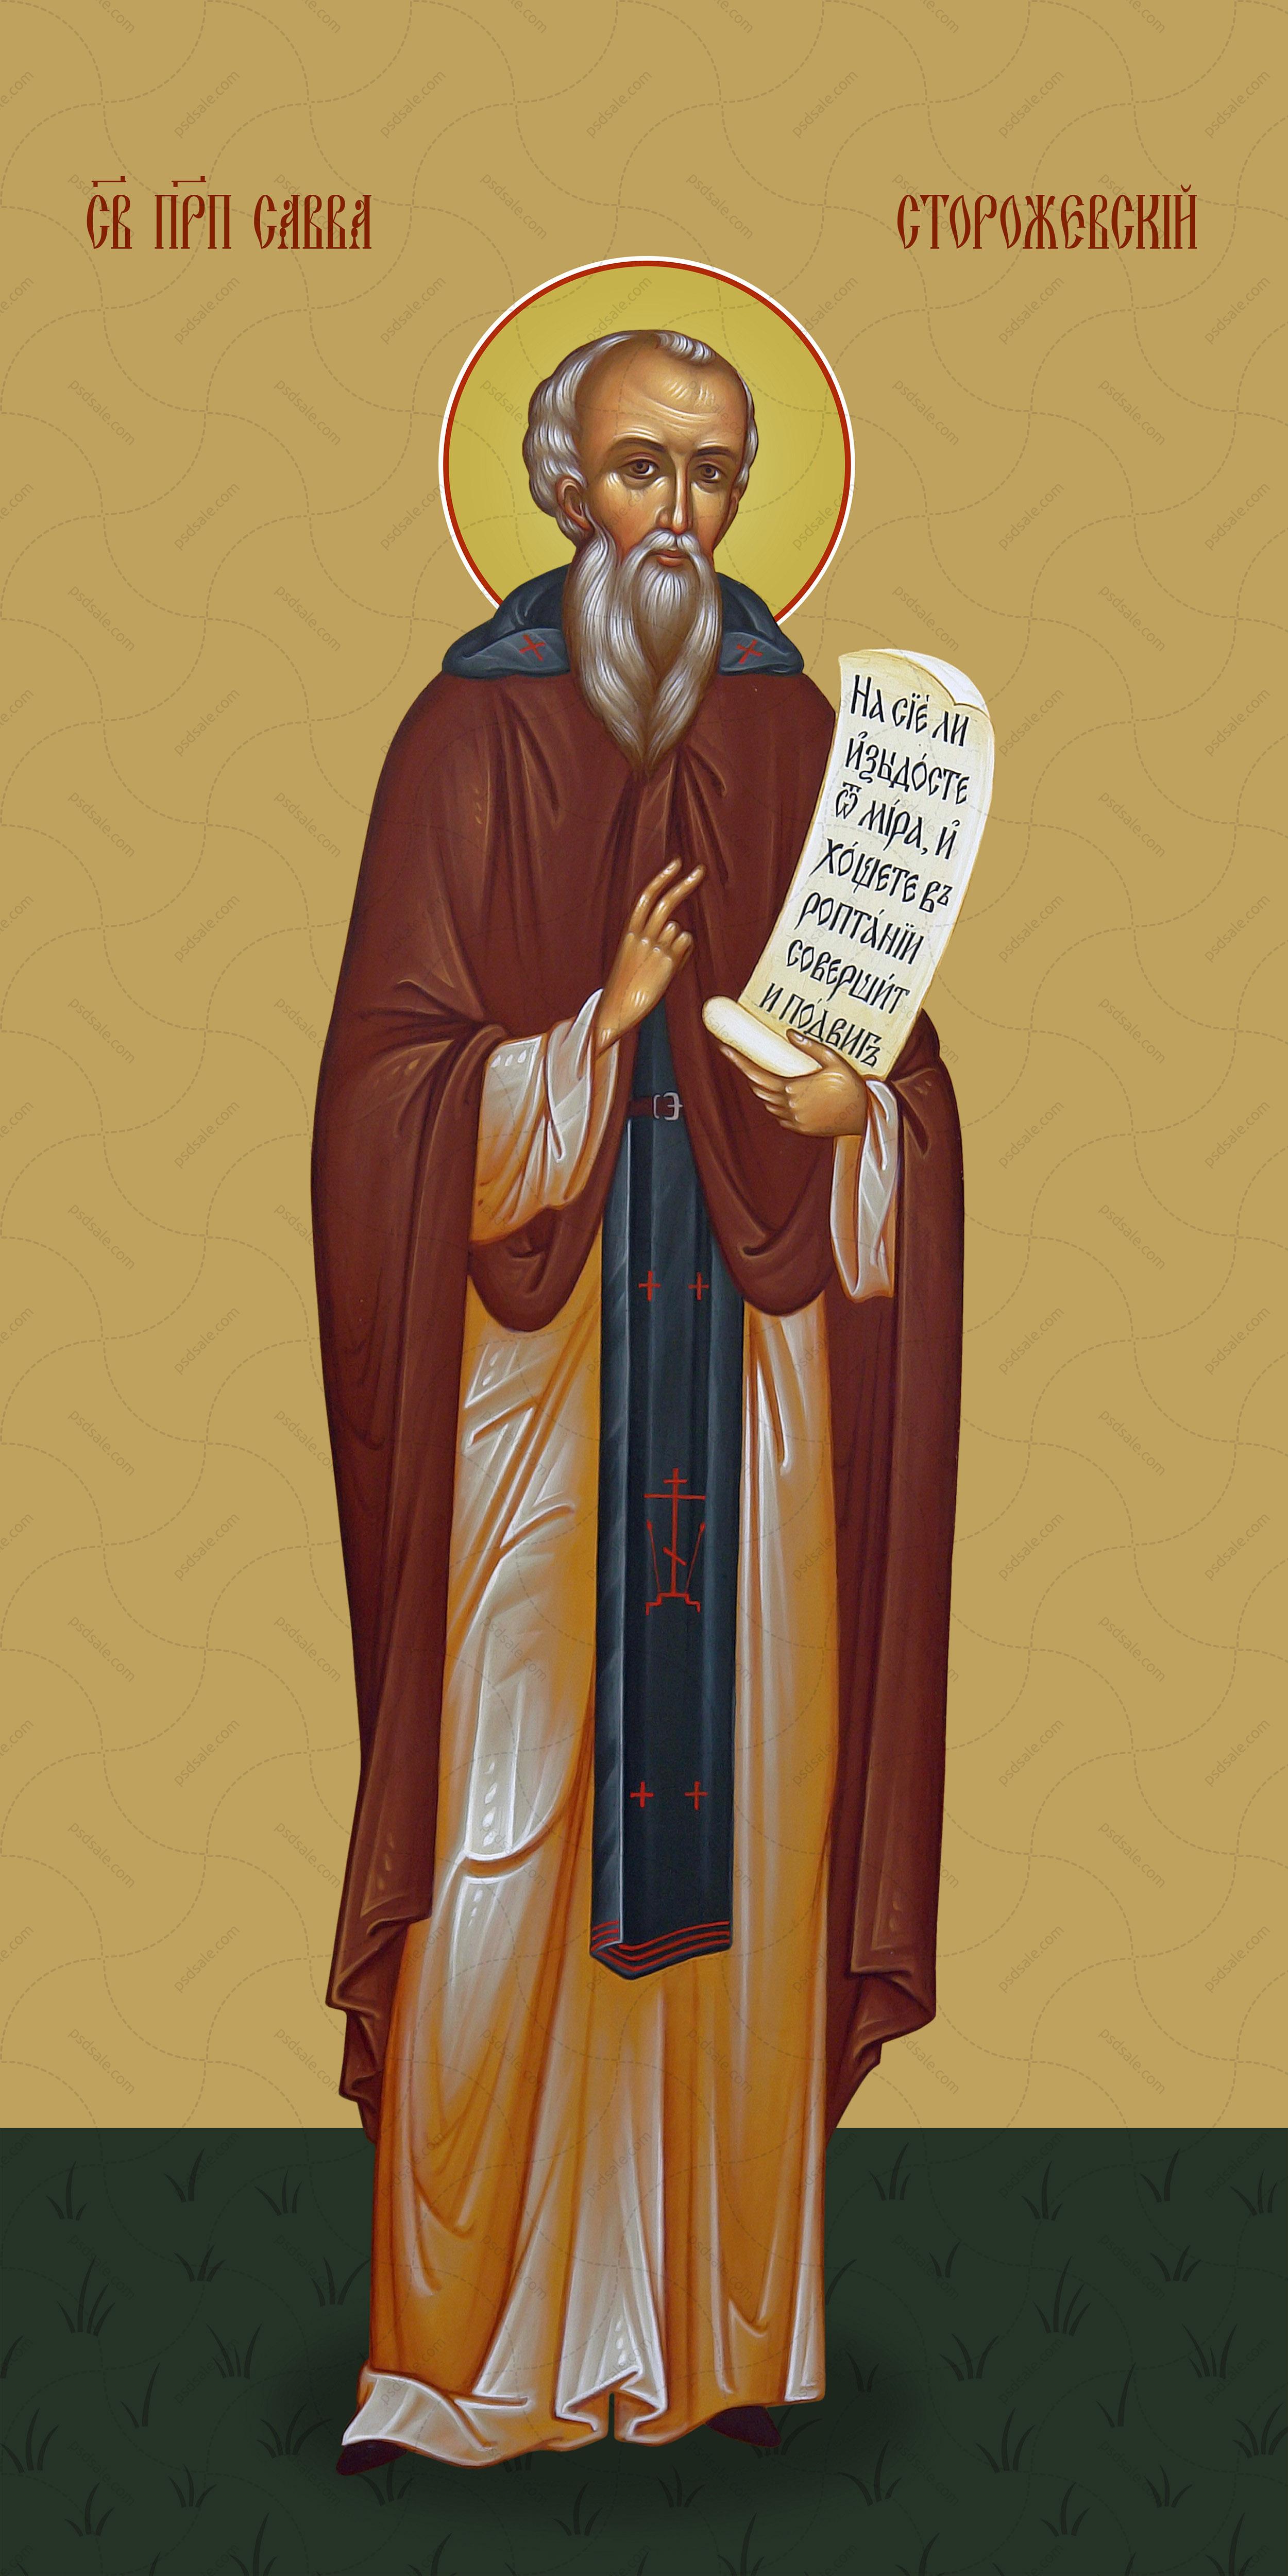 Мерная икона, Савва Сторожевский, преподобный